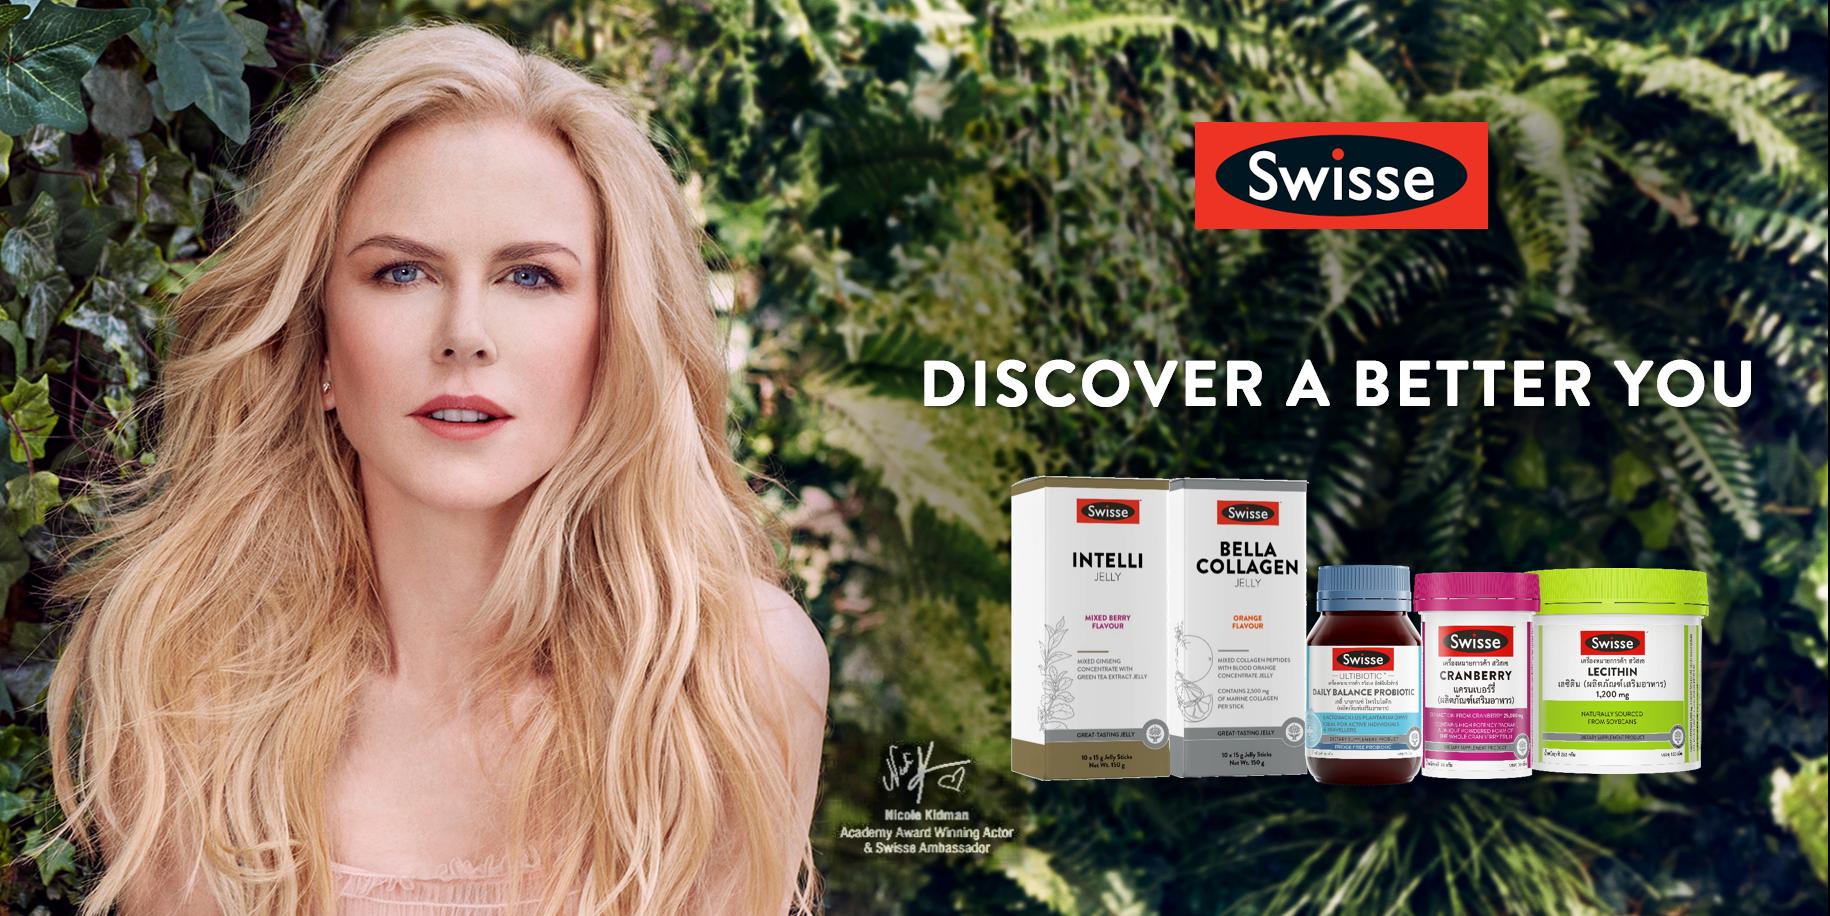 """ดีเคเอสเอช ร่วมมือกับ H&H Group เพื่อขยายตลาดผลิตภัณฑ์เพื่อสุขภาพจากแบรนด์ """"Swisse"""" ในประเทศไทย"""